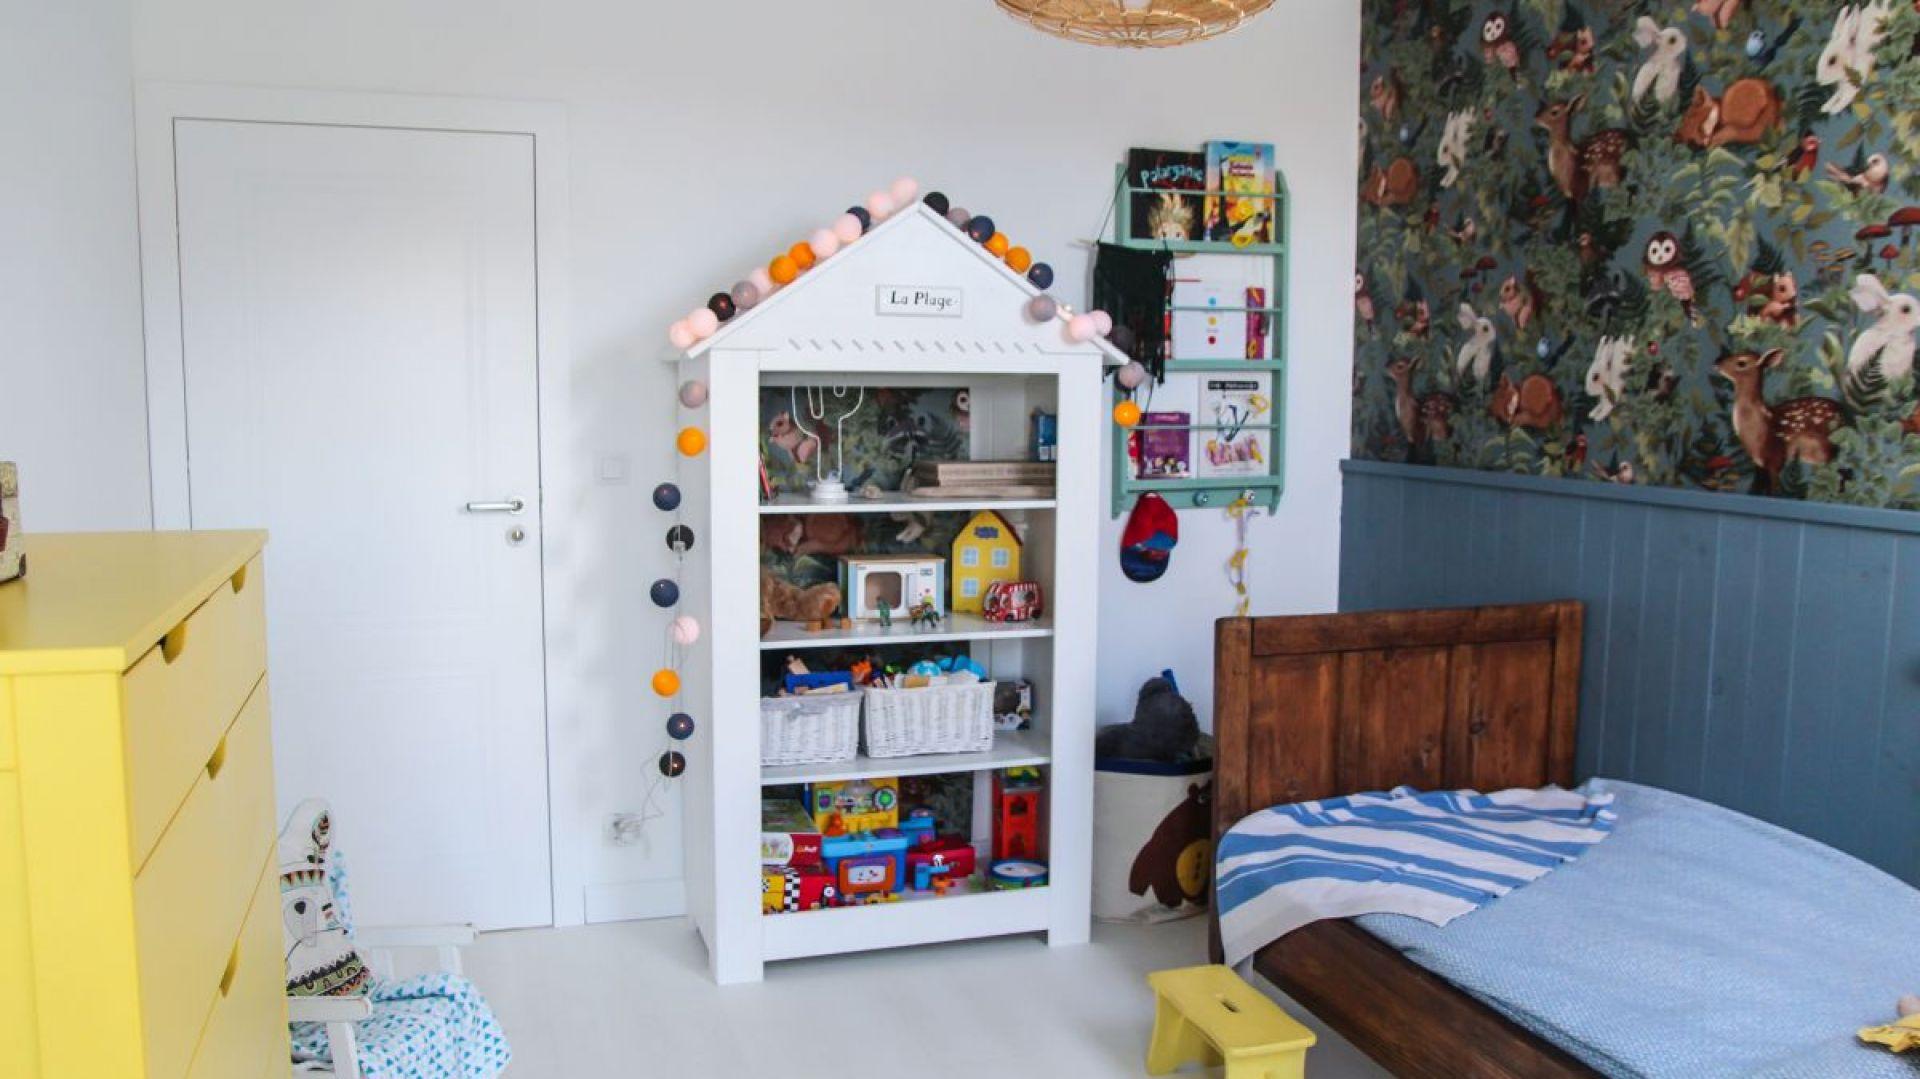 Drzwi Porta Vector Premium. Stworzą subtelne tło z białą ścianą, kierując uwagę na oryginalne dziecięce meble i dodatki. Fot. Porta